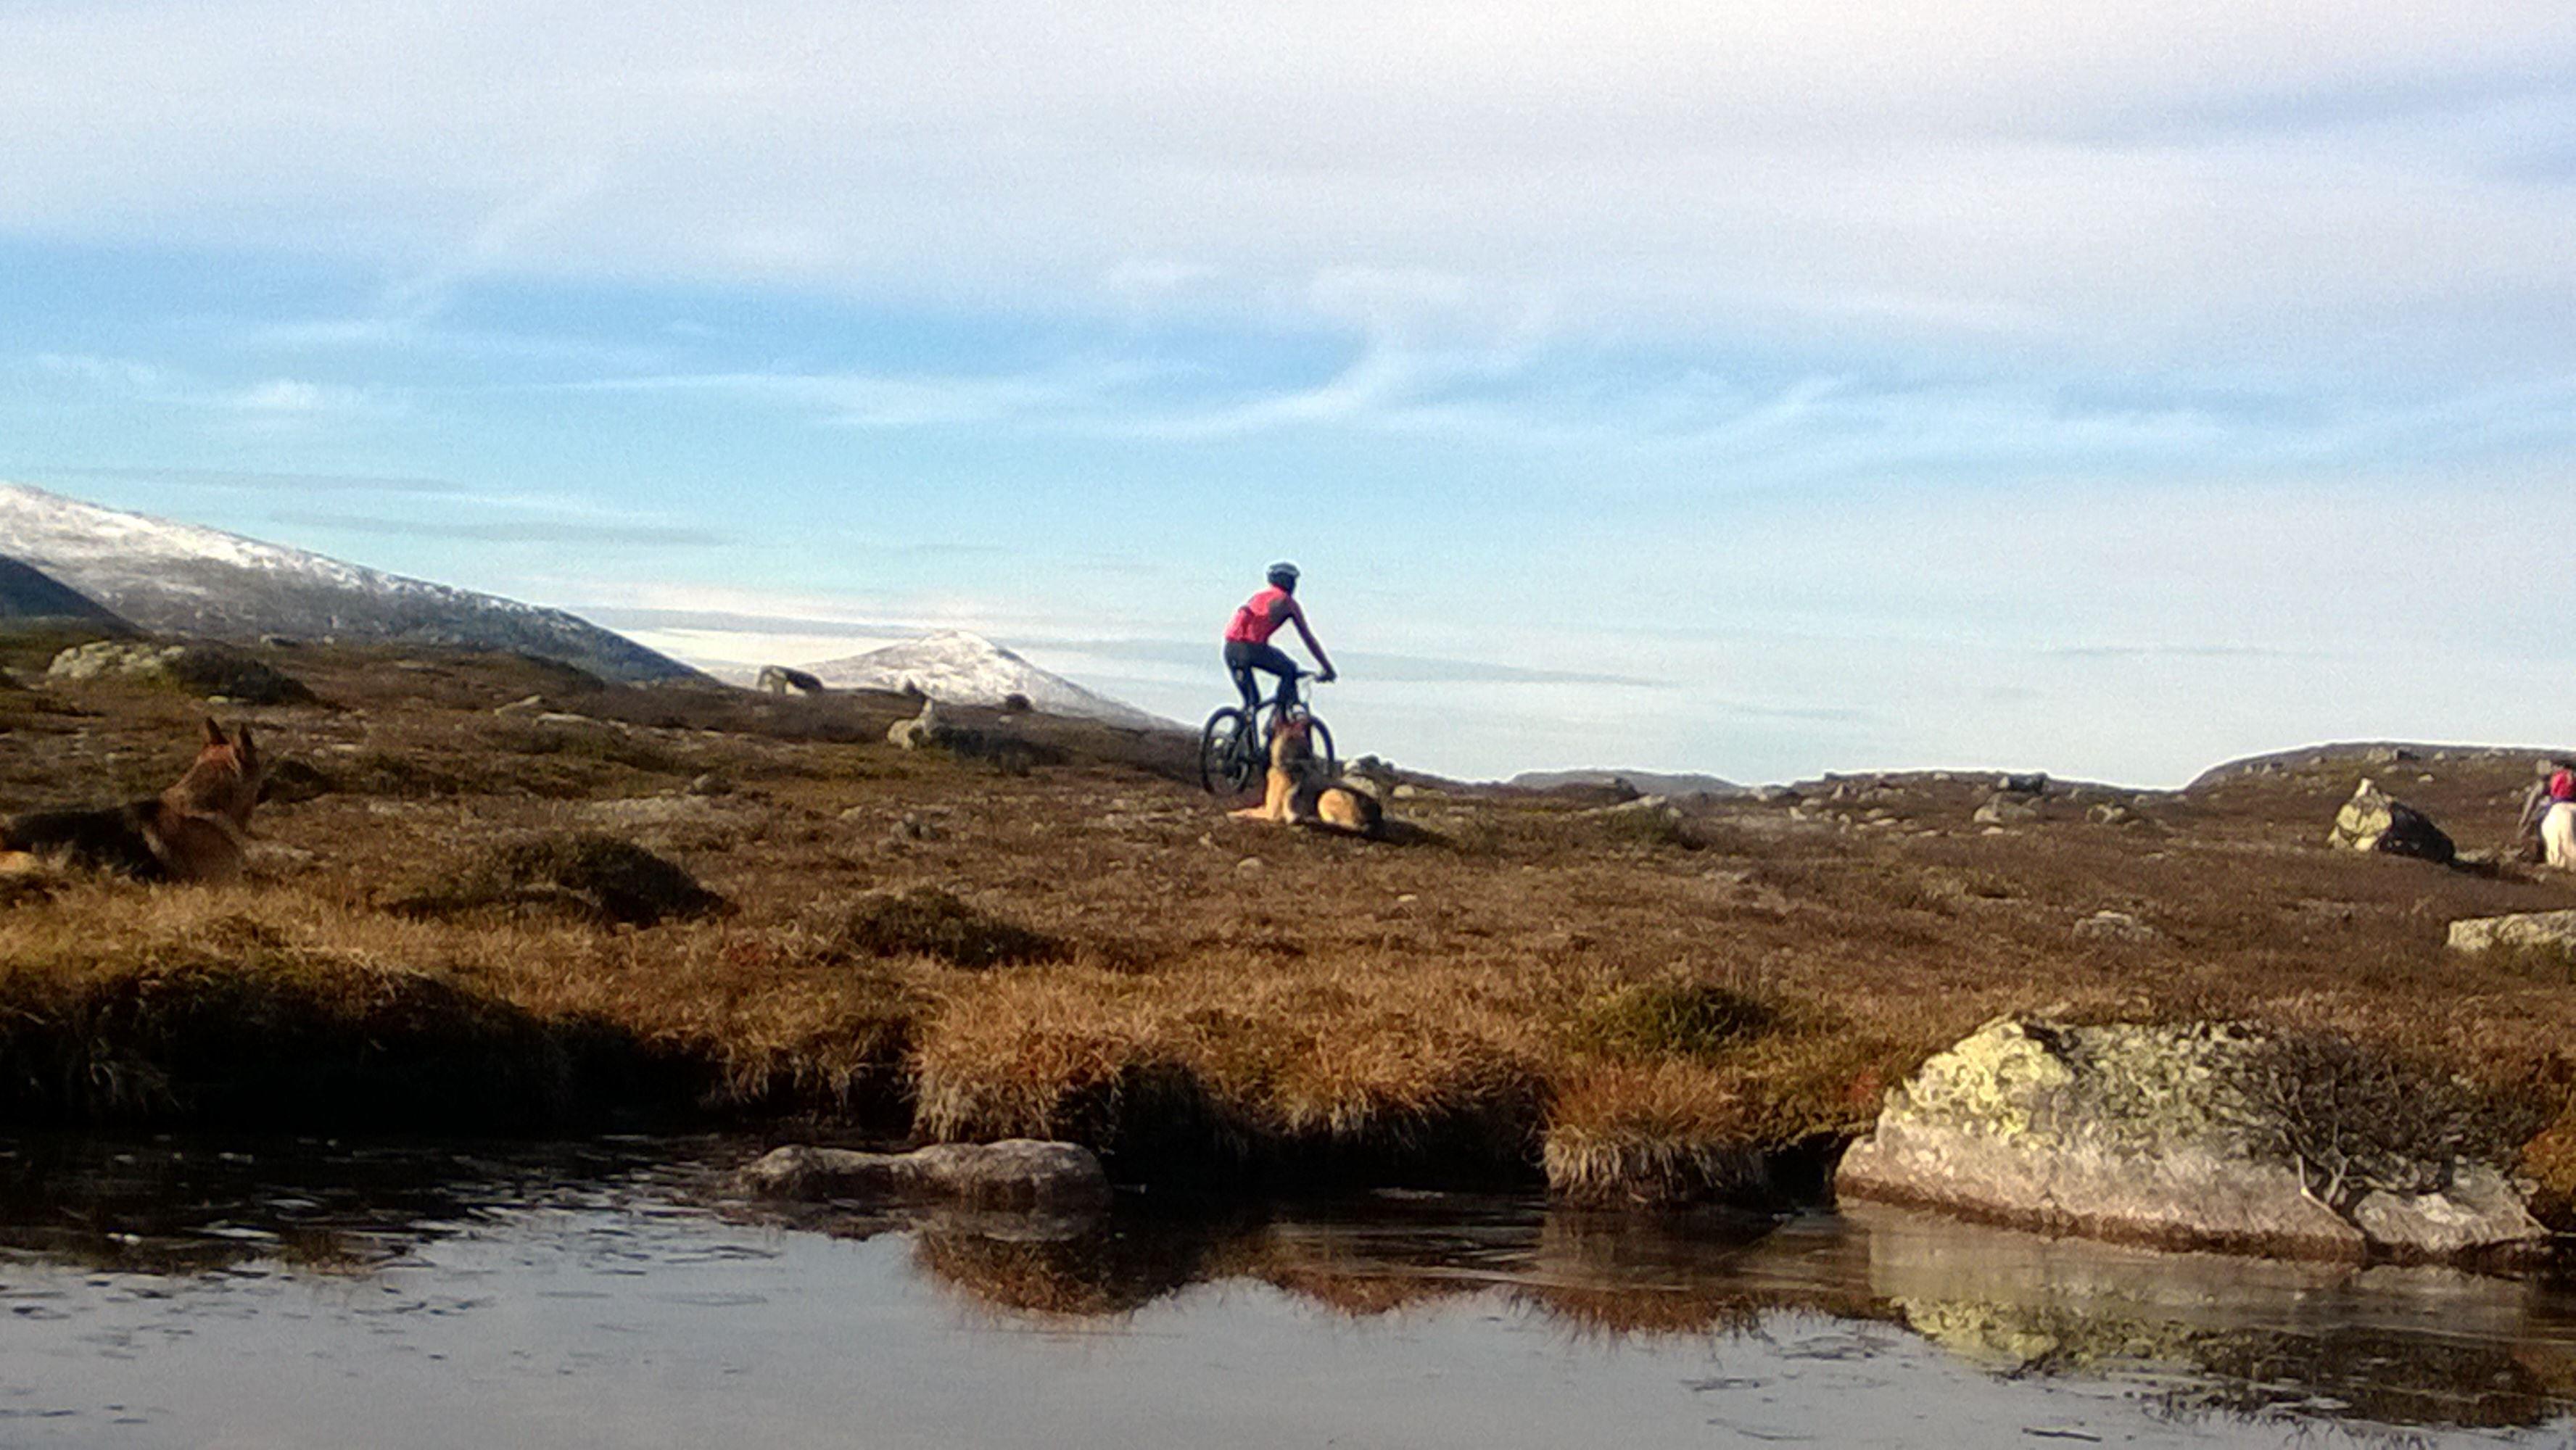 Cykelguide på Fatbike och Mountainbike